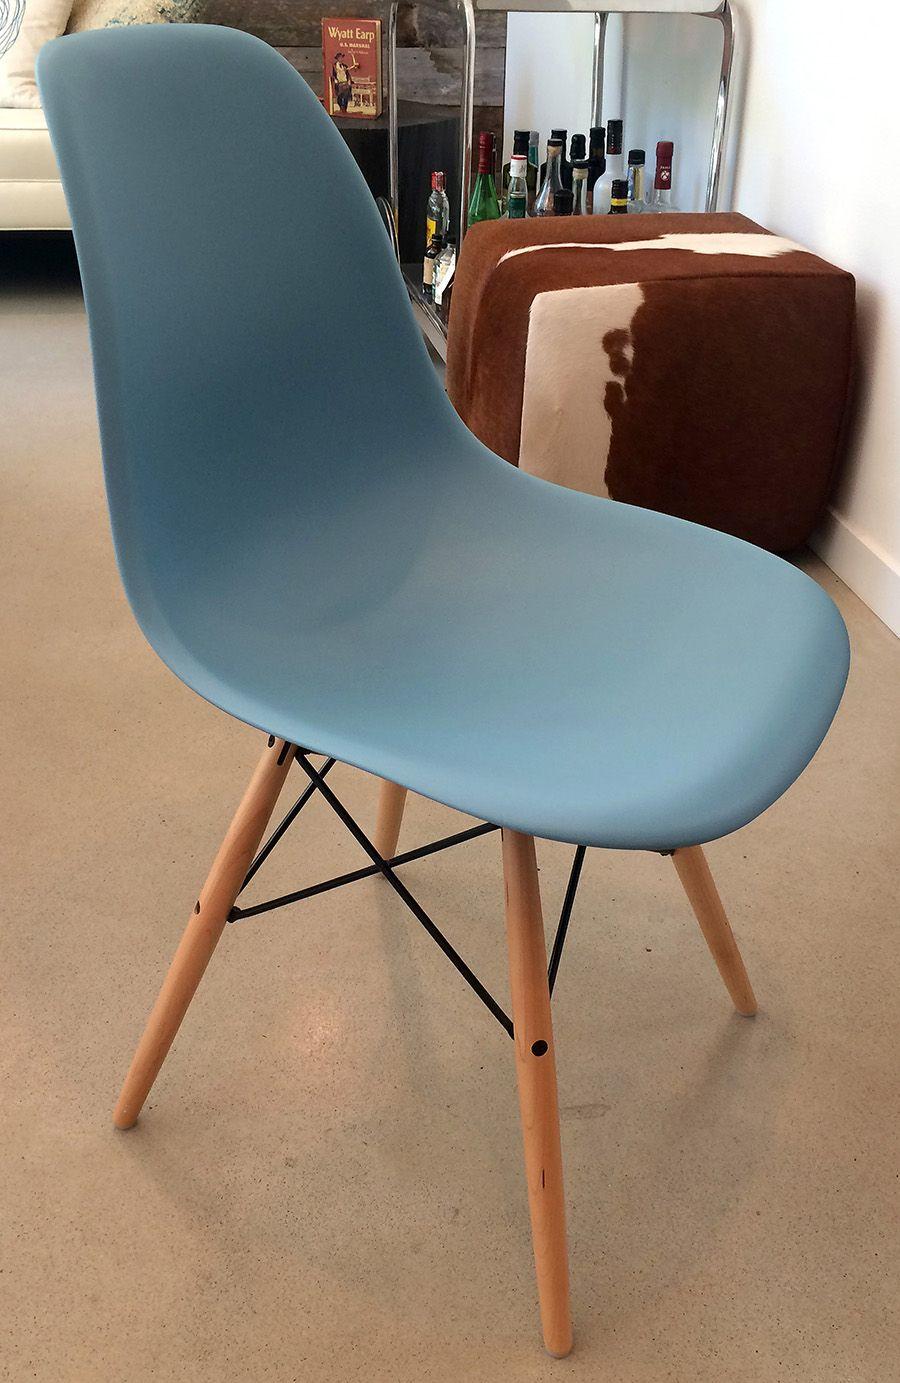 eames white chair metal legs